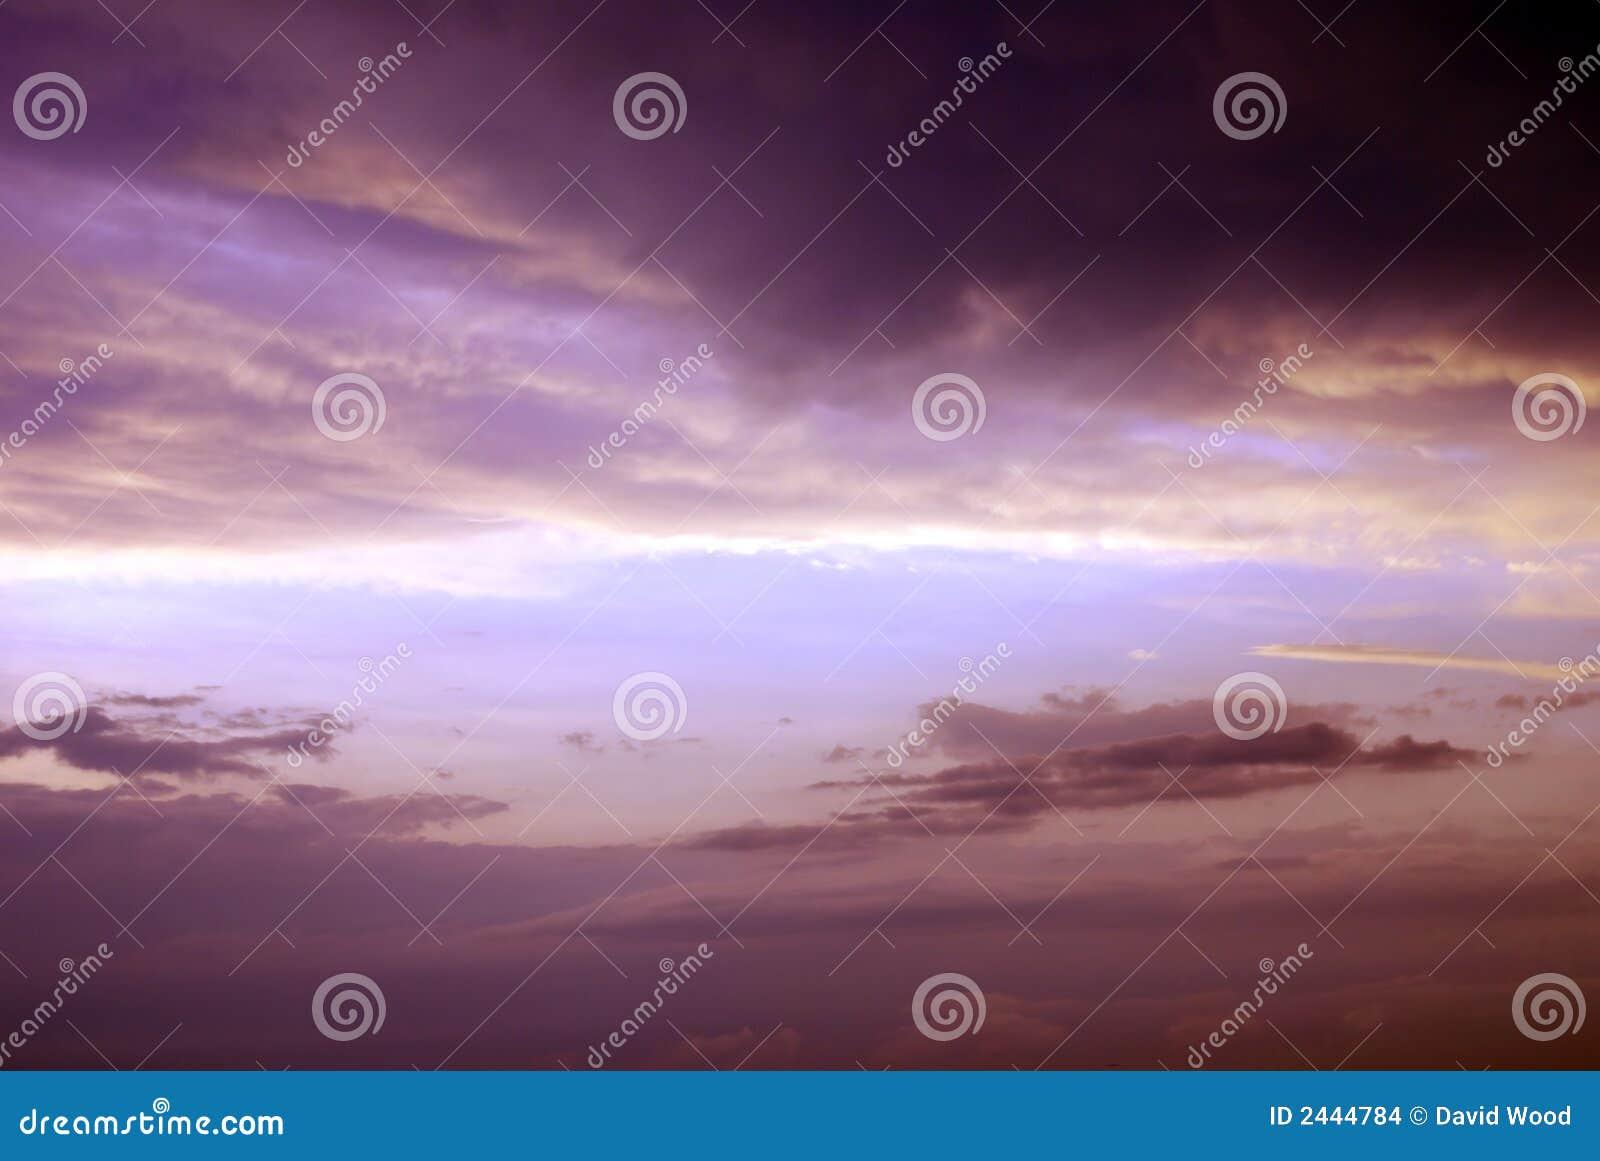 Ciel orageux pourpré